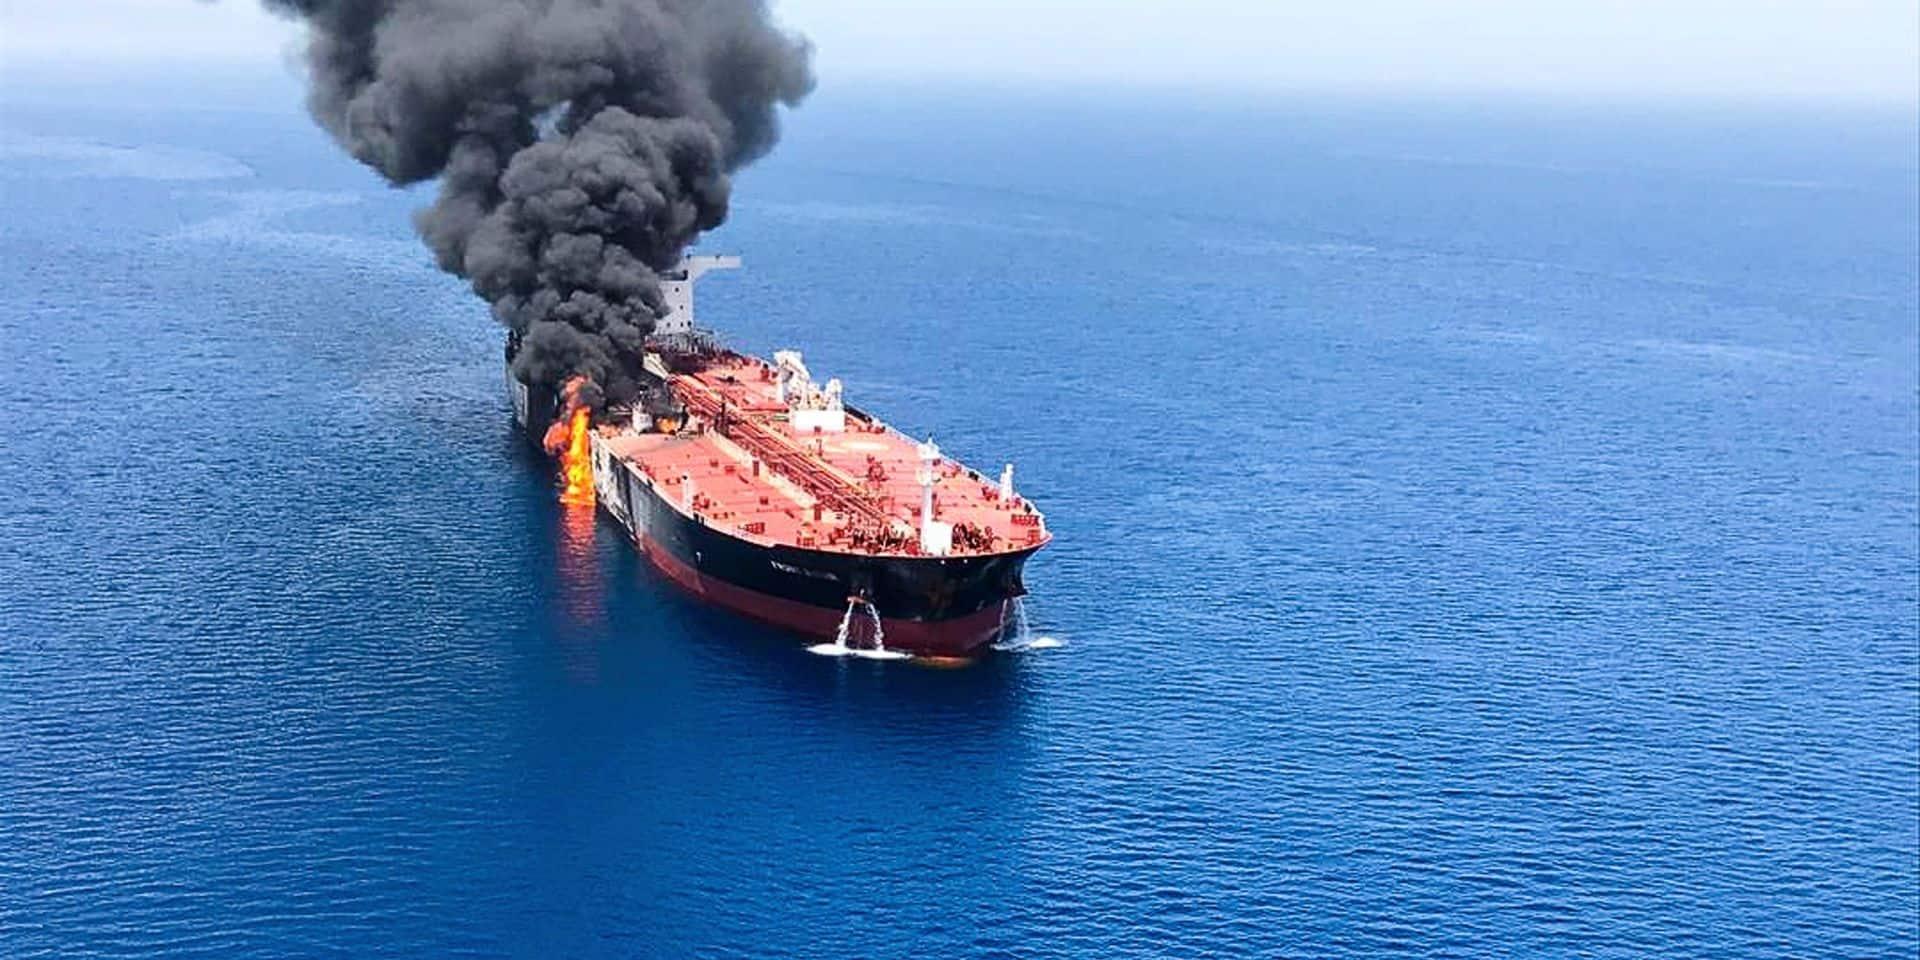 La tension monte entre l'Iran et la Grande-Bretagne après l'attaque des tankers en mer d'Oman: l'ambassadeur britannique convoqué